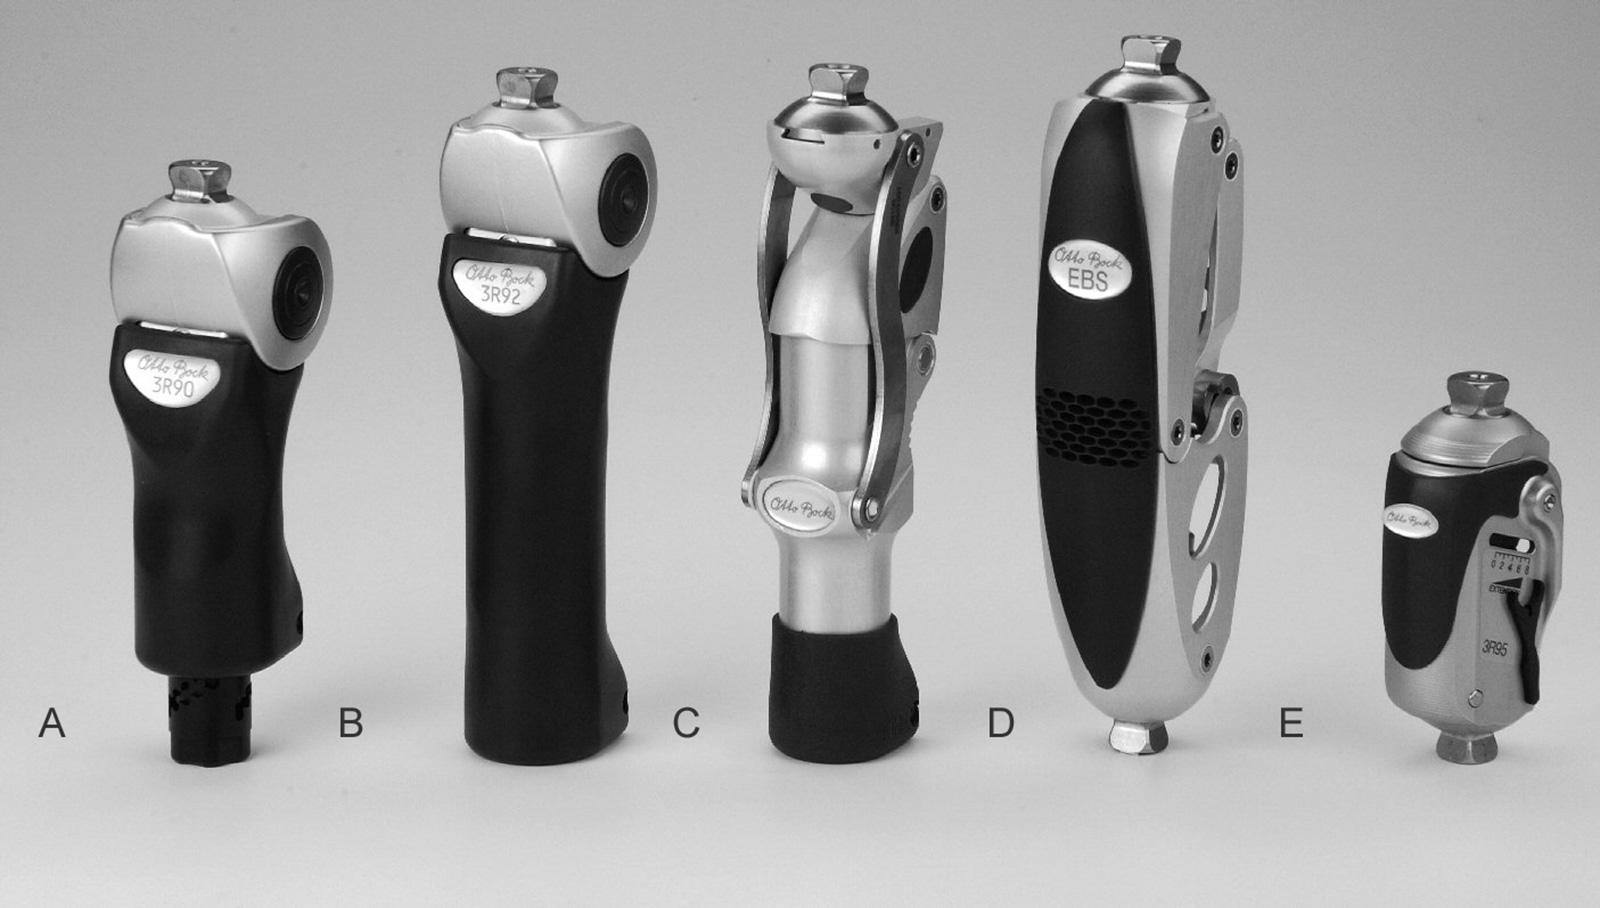 Abb. 10-13: SR90 (A) und SR92 Modular Bremskniegelenke (B): Schwungphasensteuerung mit mechanischem Vorbringer (SR90) oder progressiver Doppelkammer-Pneumatik (SR92). Der Bremsmechanismus schaltet bei Vorfußlast automatisch ab. Modular Kniegelenk SR106 (C